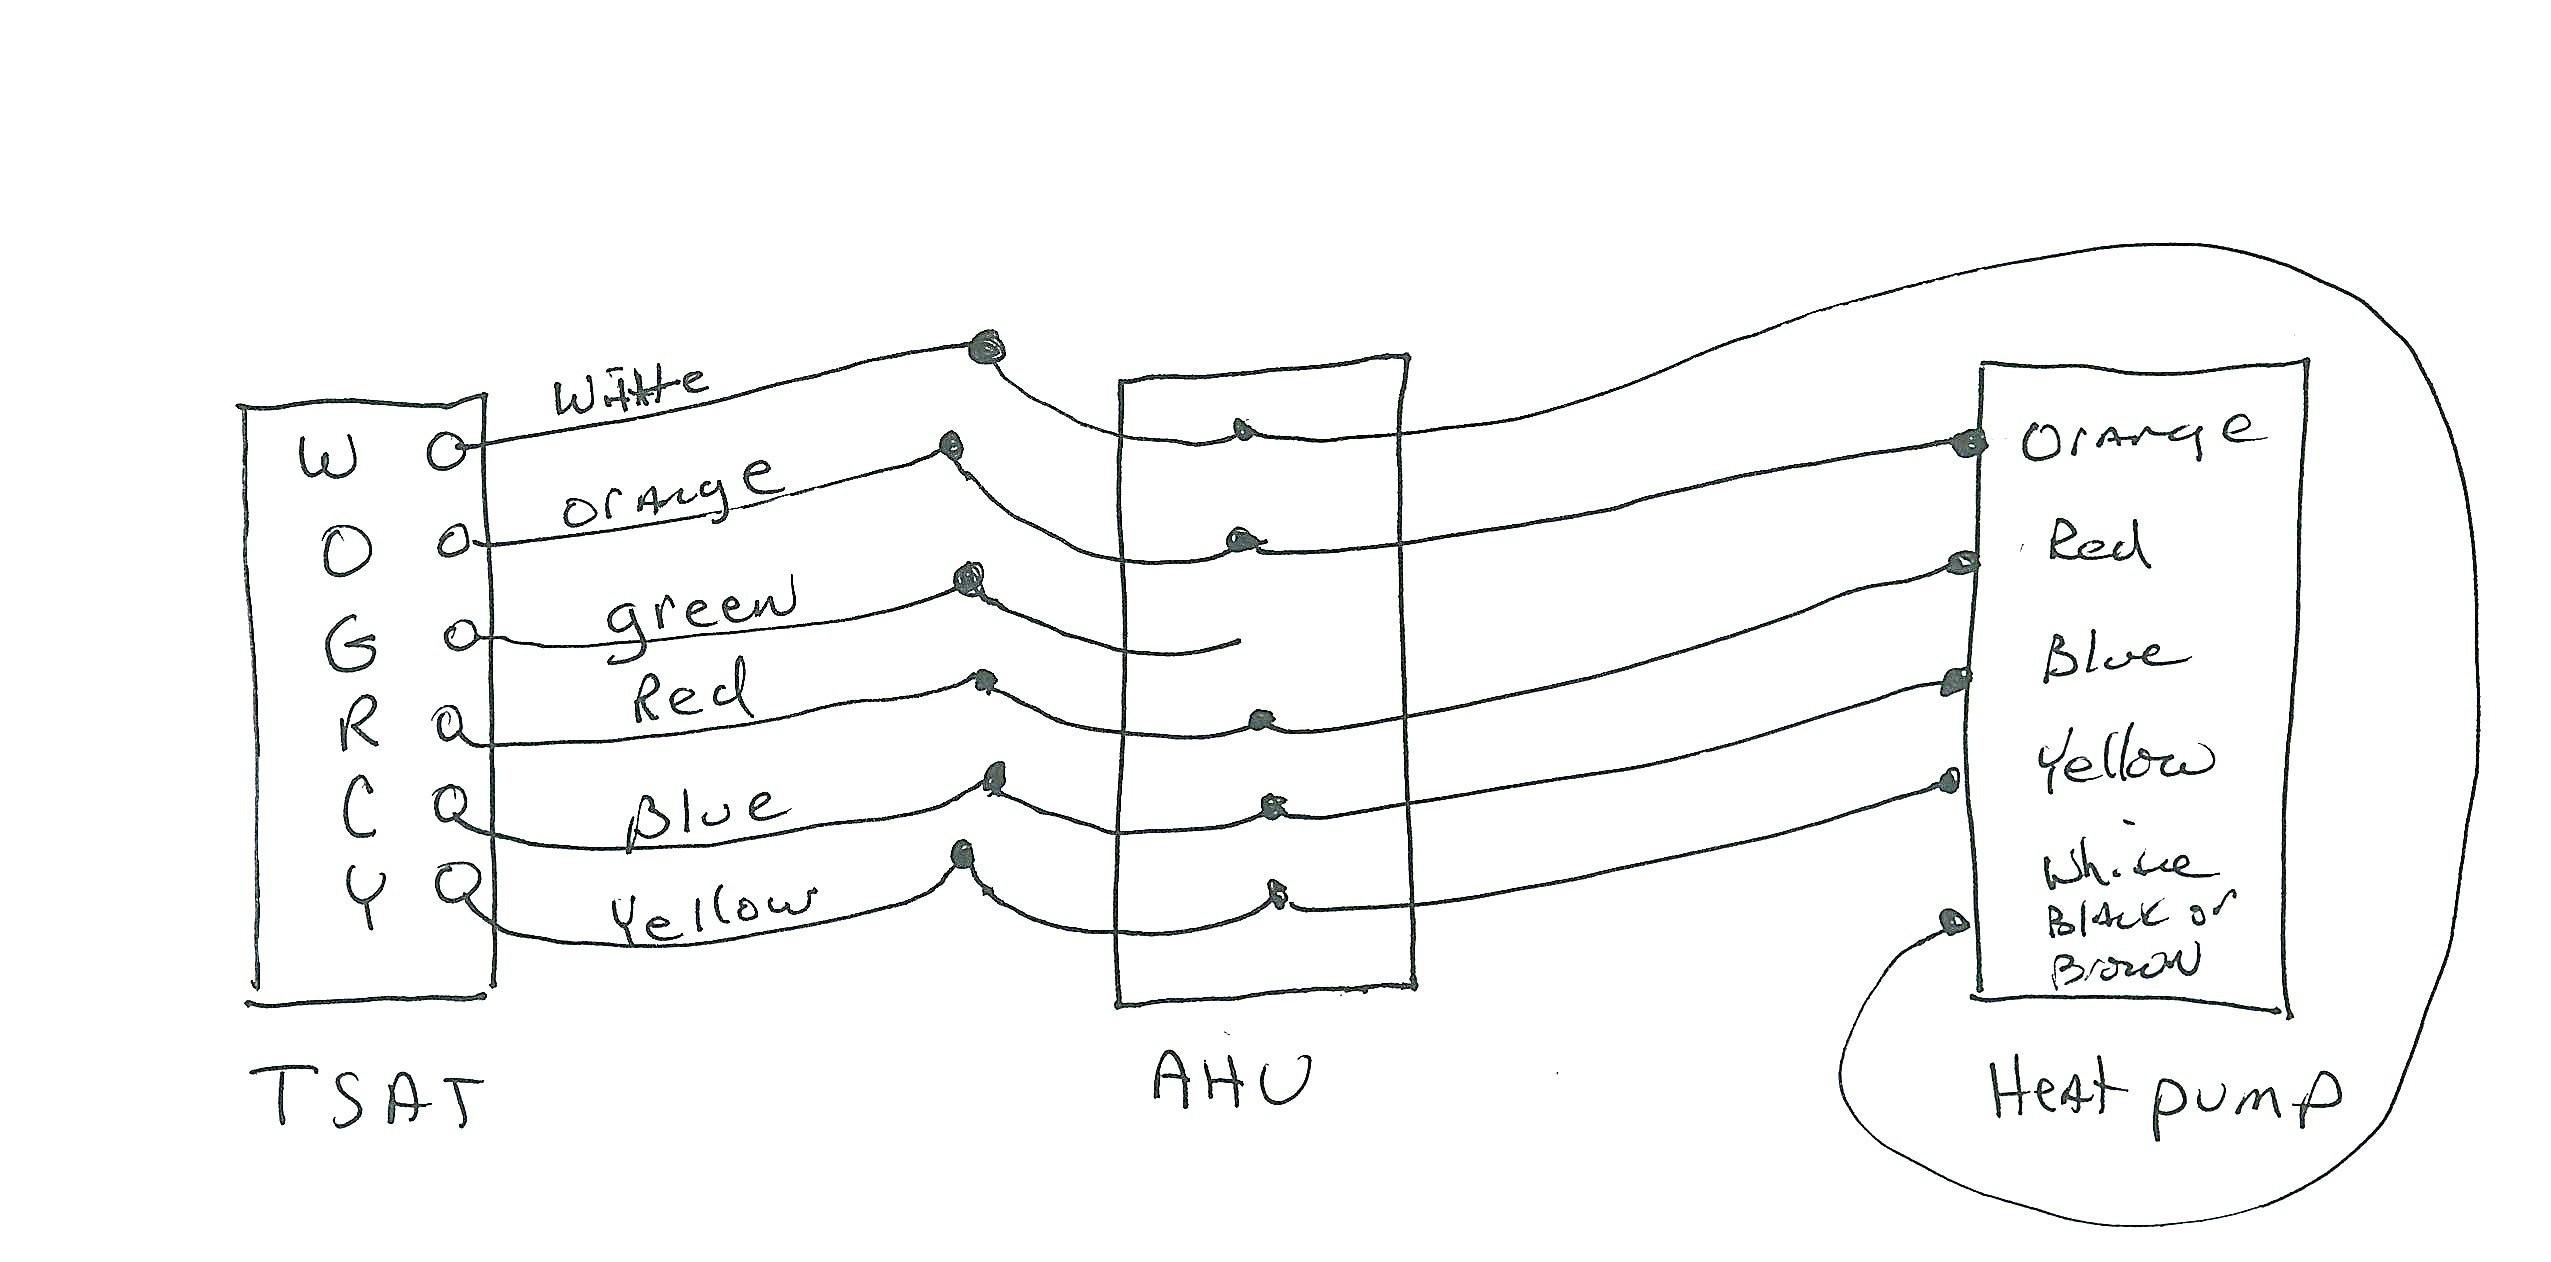 Low Voltage Heat Pump Wiring Diagram - 08 Mustang Wiring Diagram -  fusebox.yenpancane.jeanjaures37.fr | Low Voltage Heat Pump Wiring Diagram |  | Wiring Diagram Resource